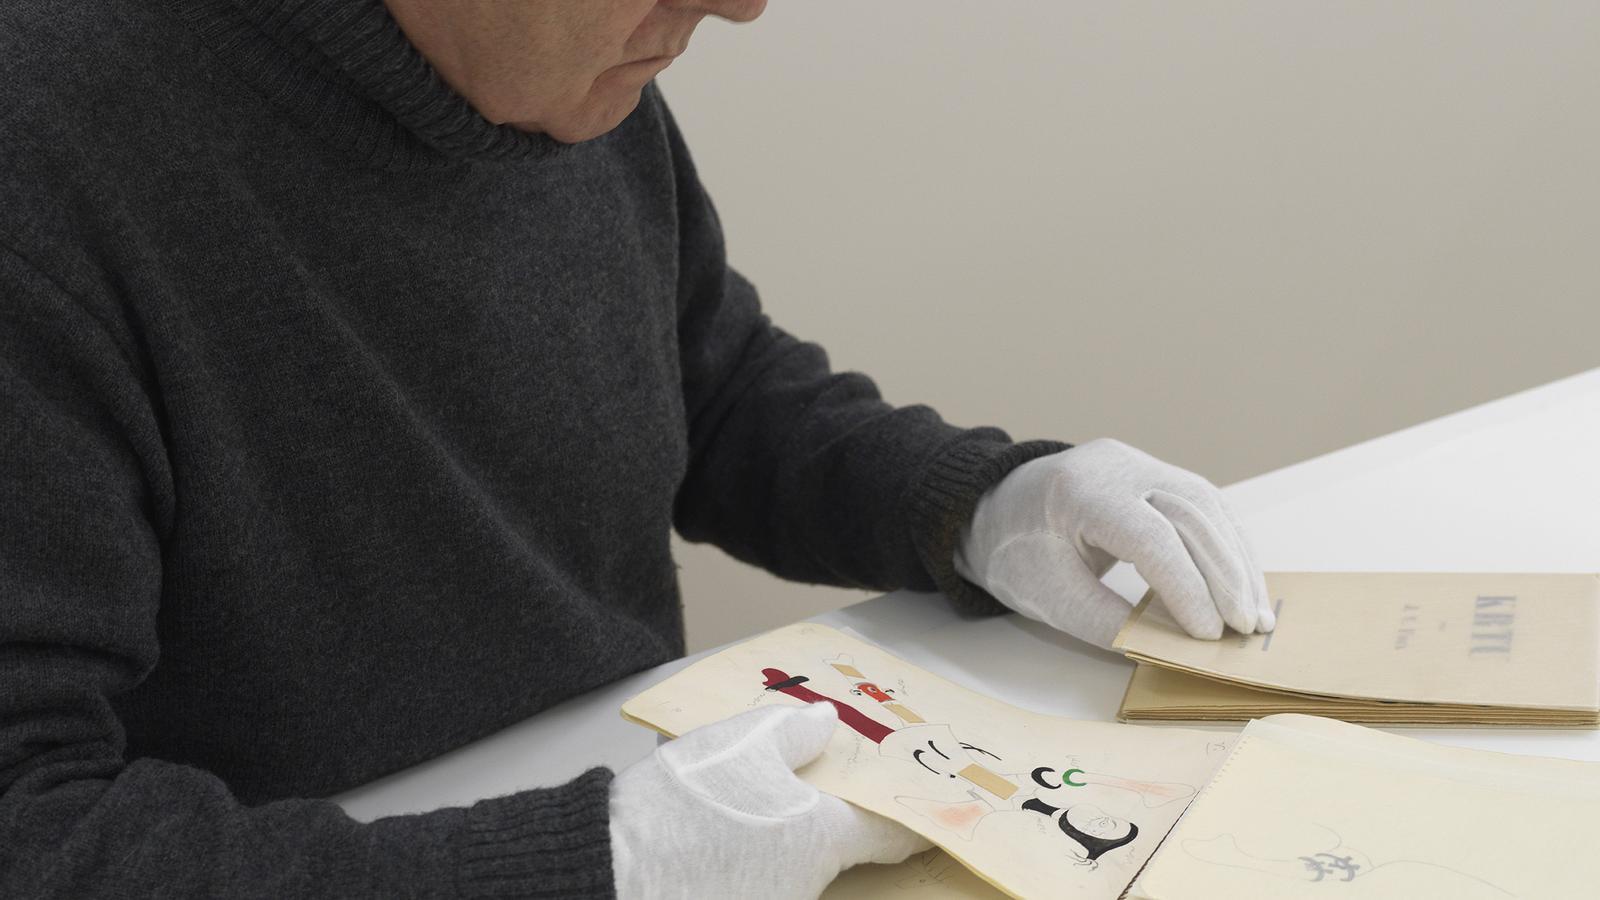 Antoni Llena treballant amb els dibuixos de Joan Miró